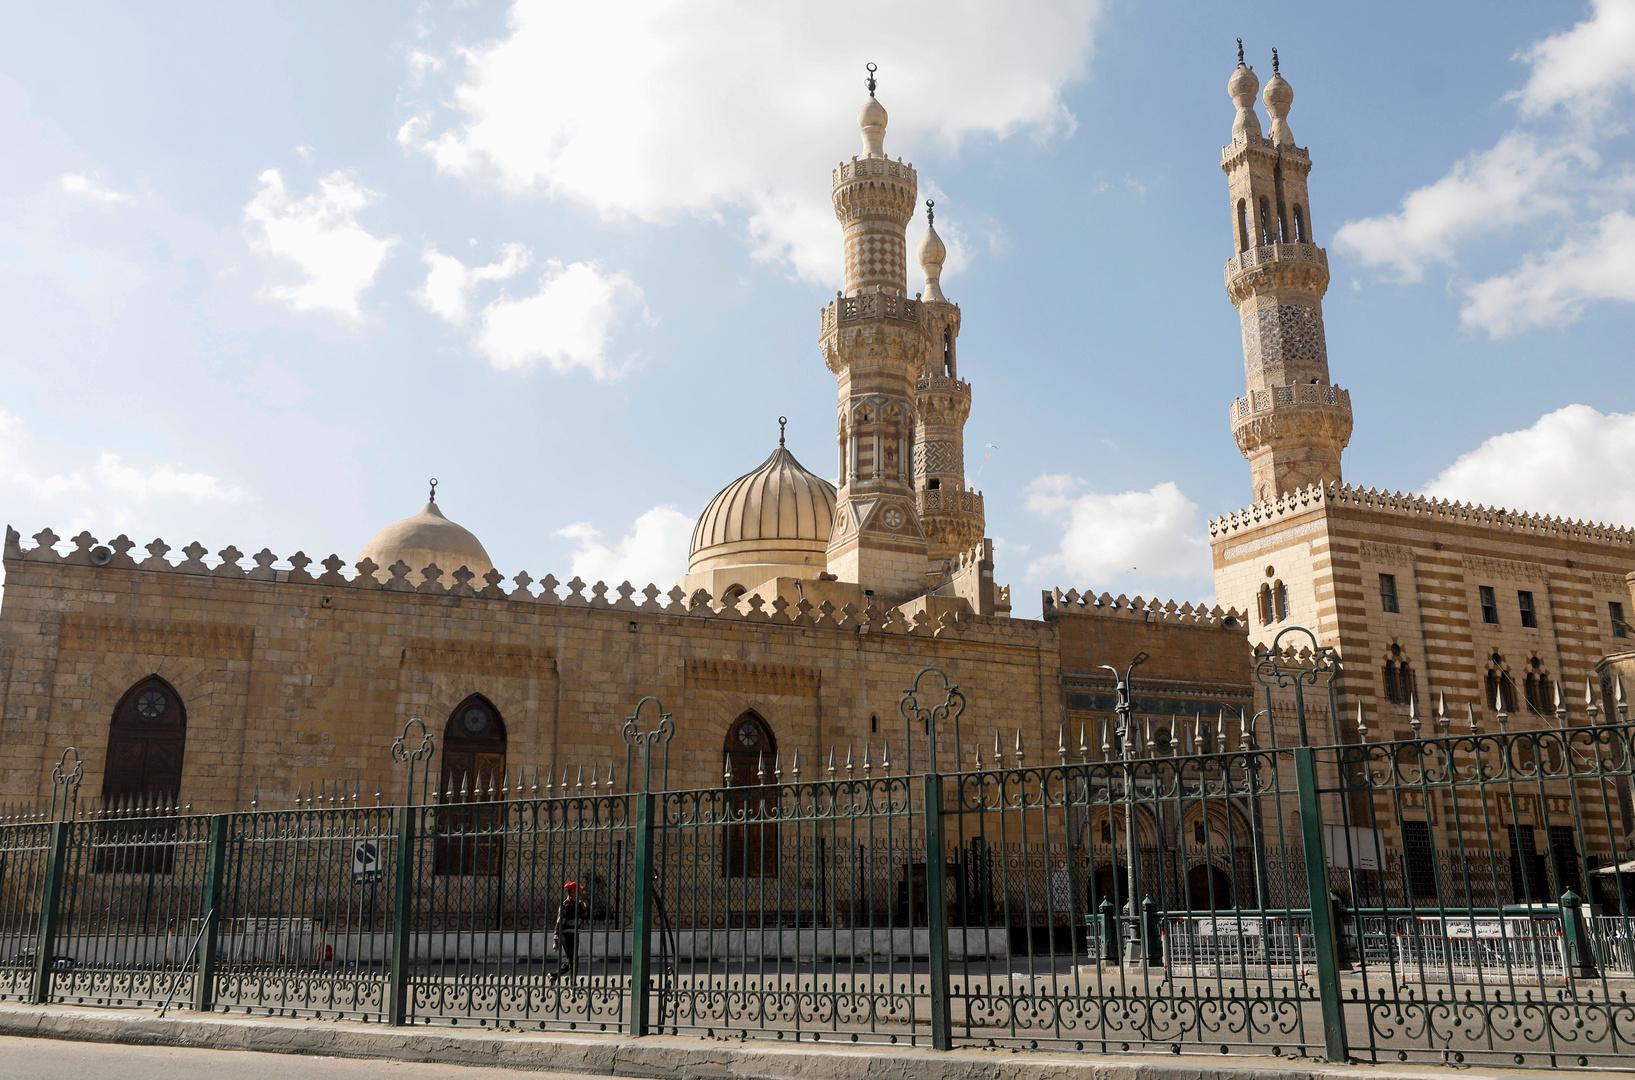 مفتي مصر الأسبق حول حكم التداوي بأعضاء من جسم الخنزير: الأطباء هم سادة الموقف